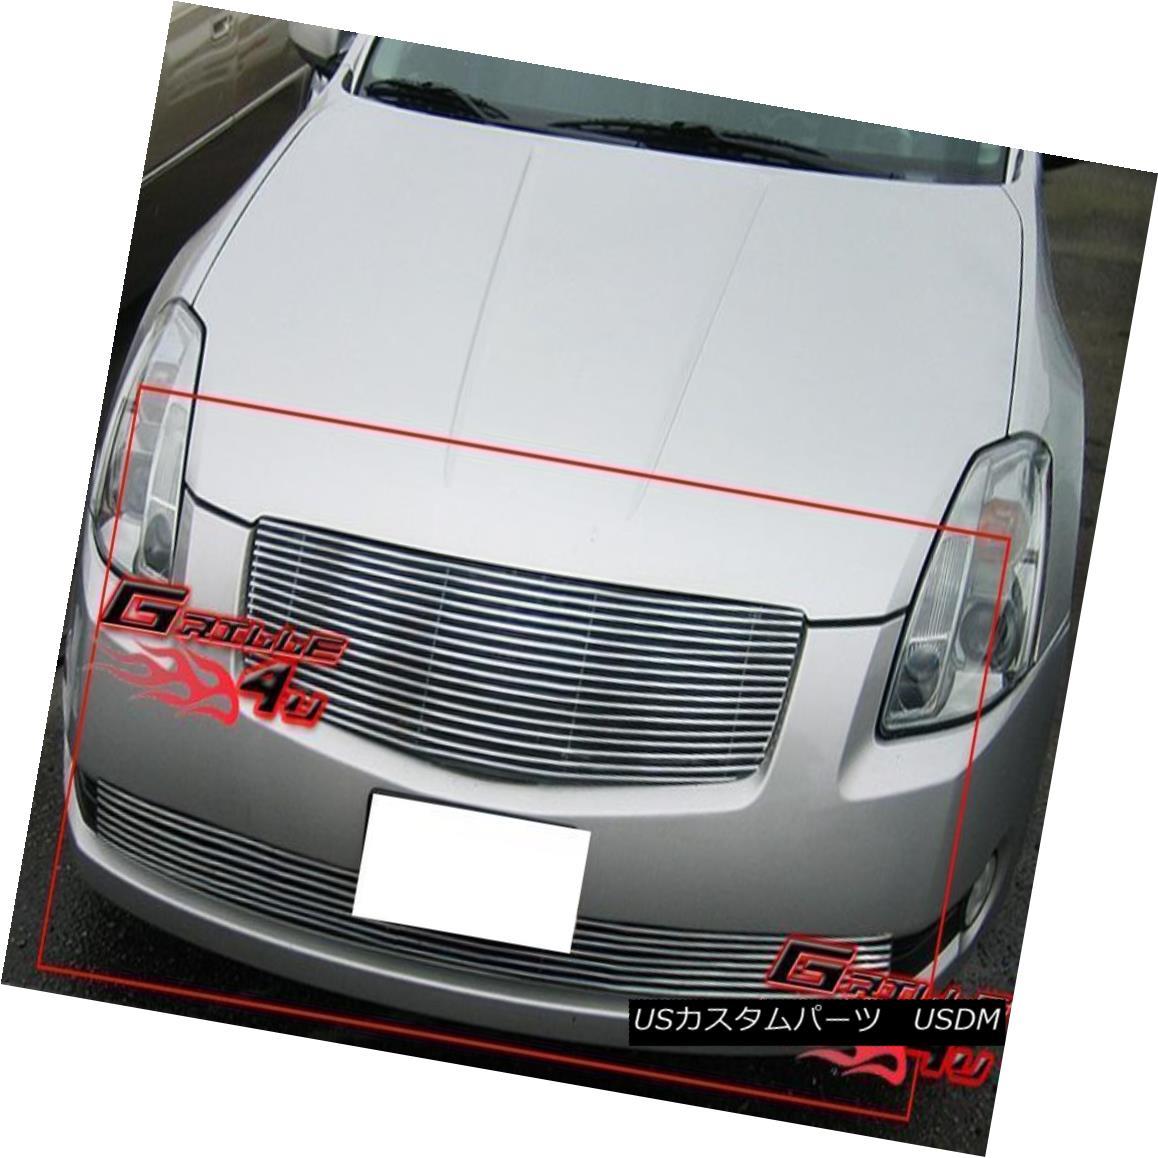 グリル Fits 2004-2006 Nissan Maxima Billet Grille Combo フィット2004-2006日産マキシマビレットグリルコンボ